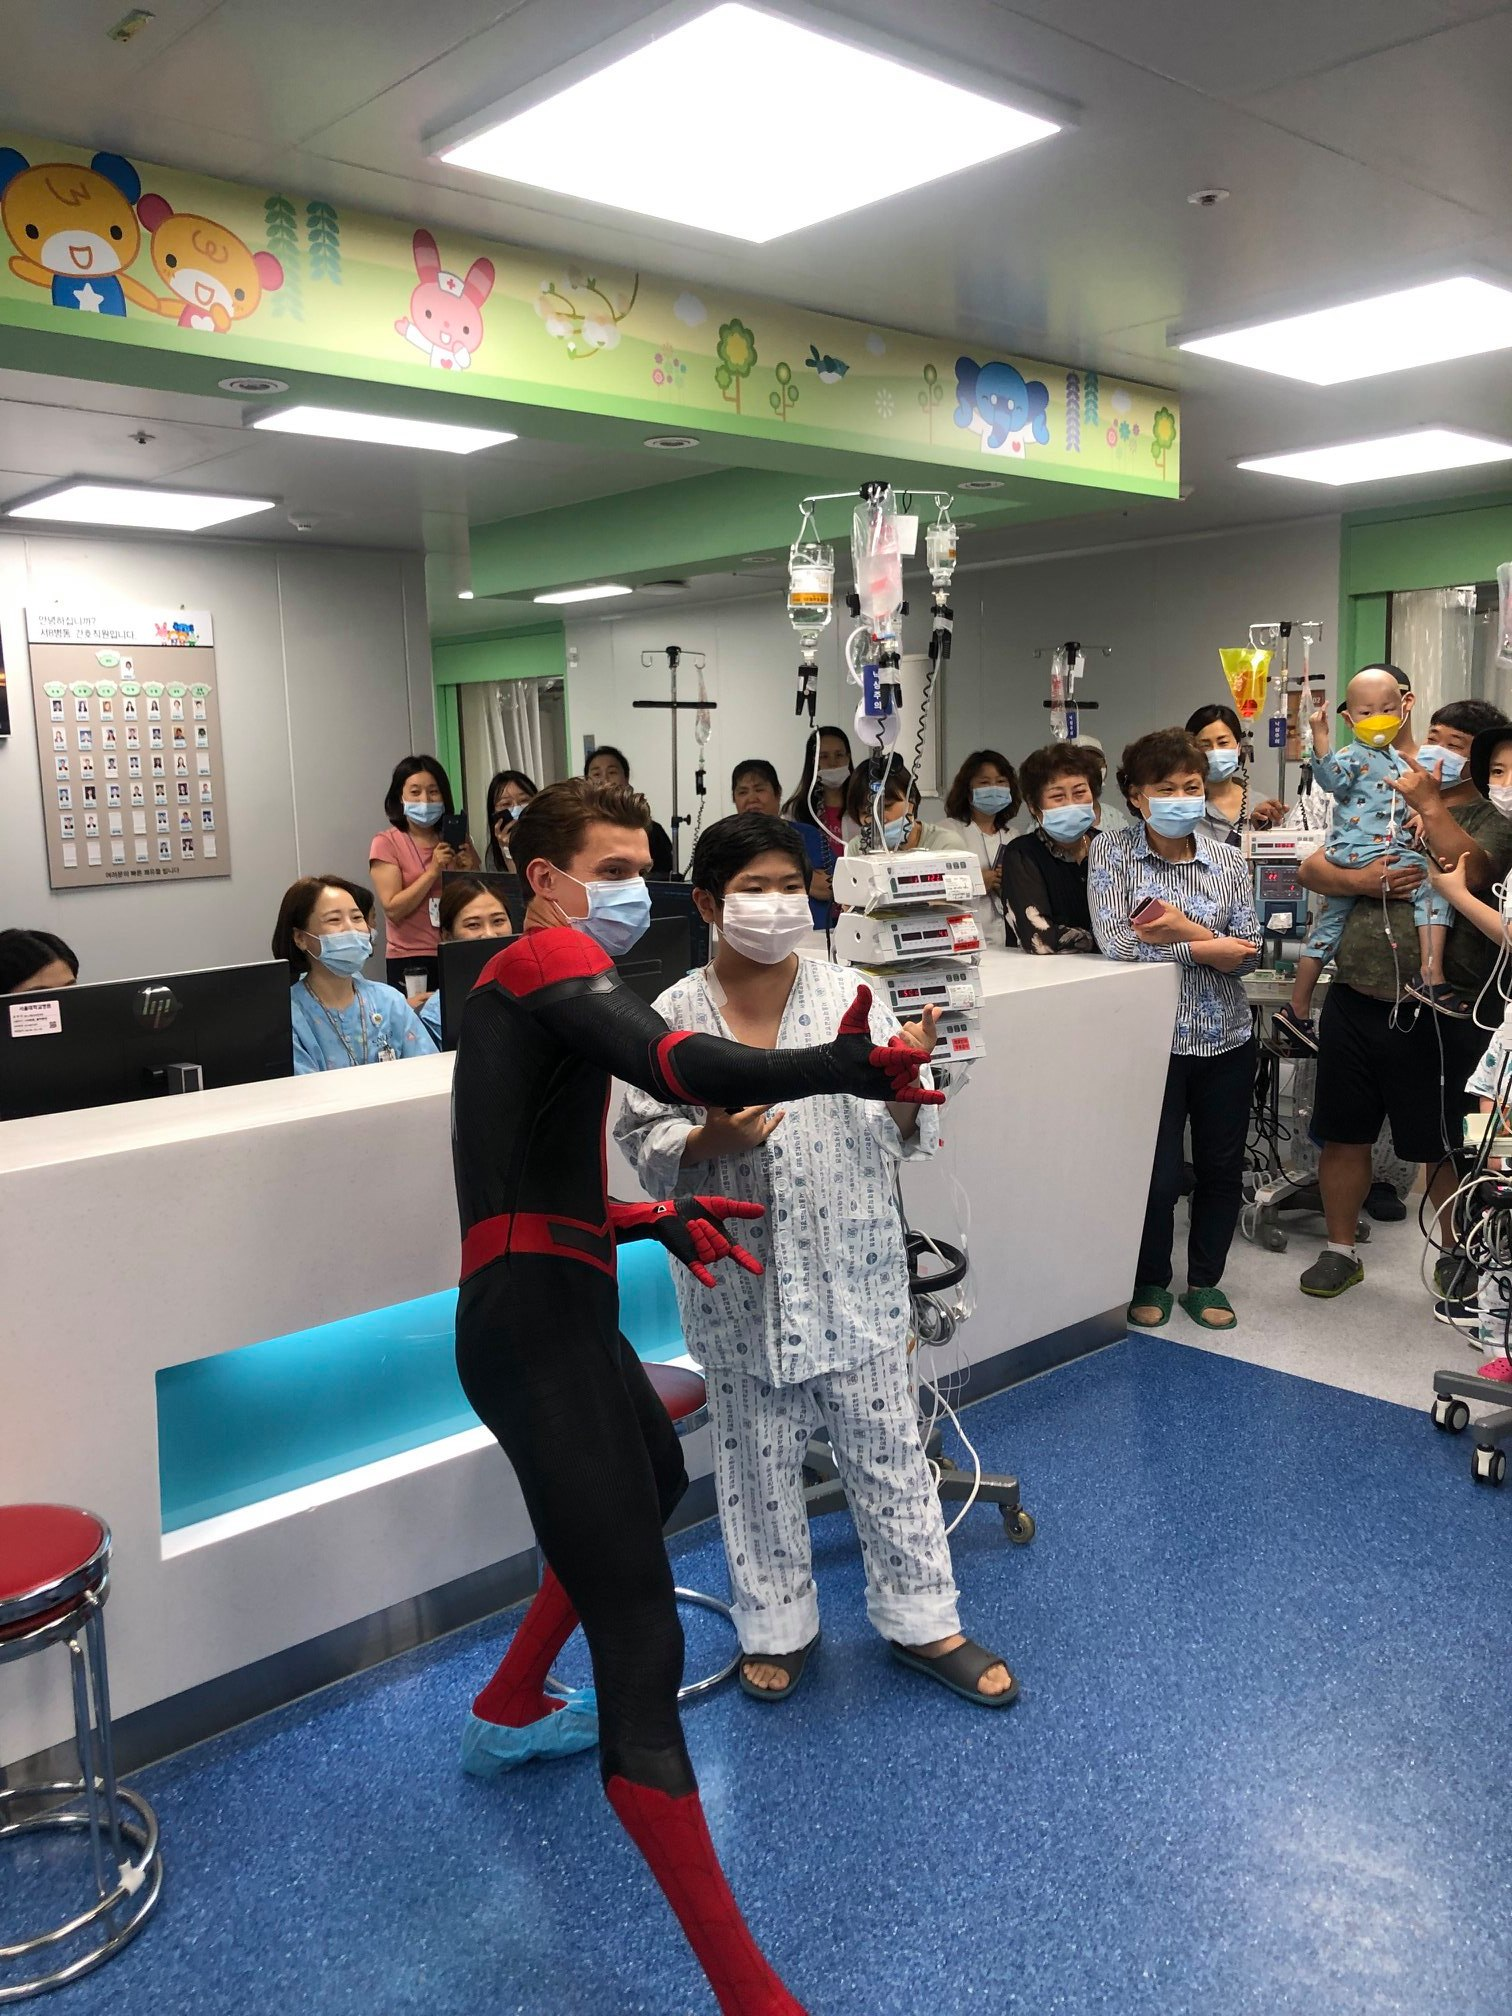 tom holland korea kids hospital 2